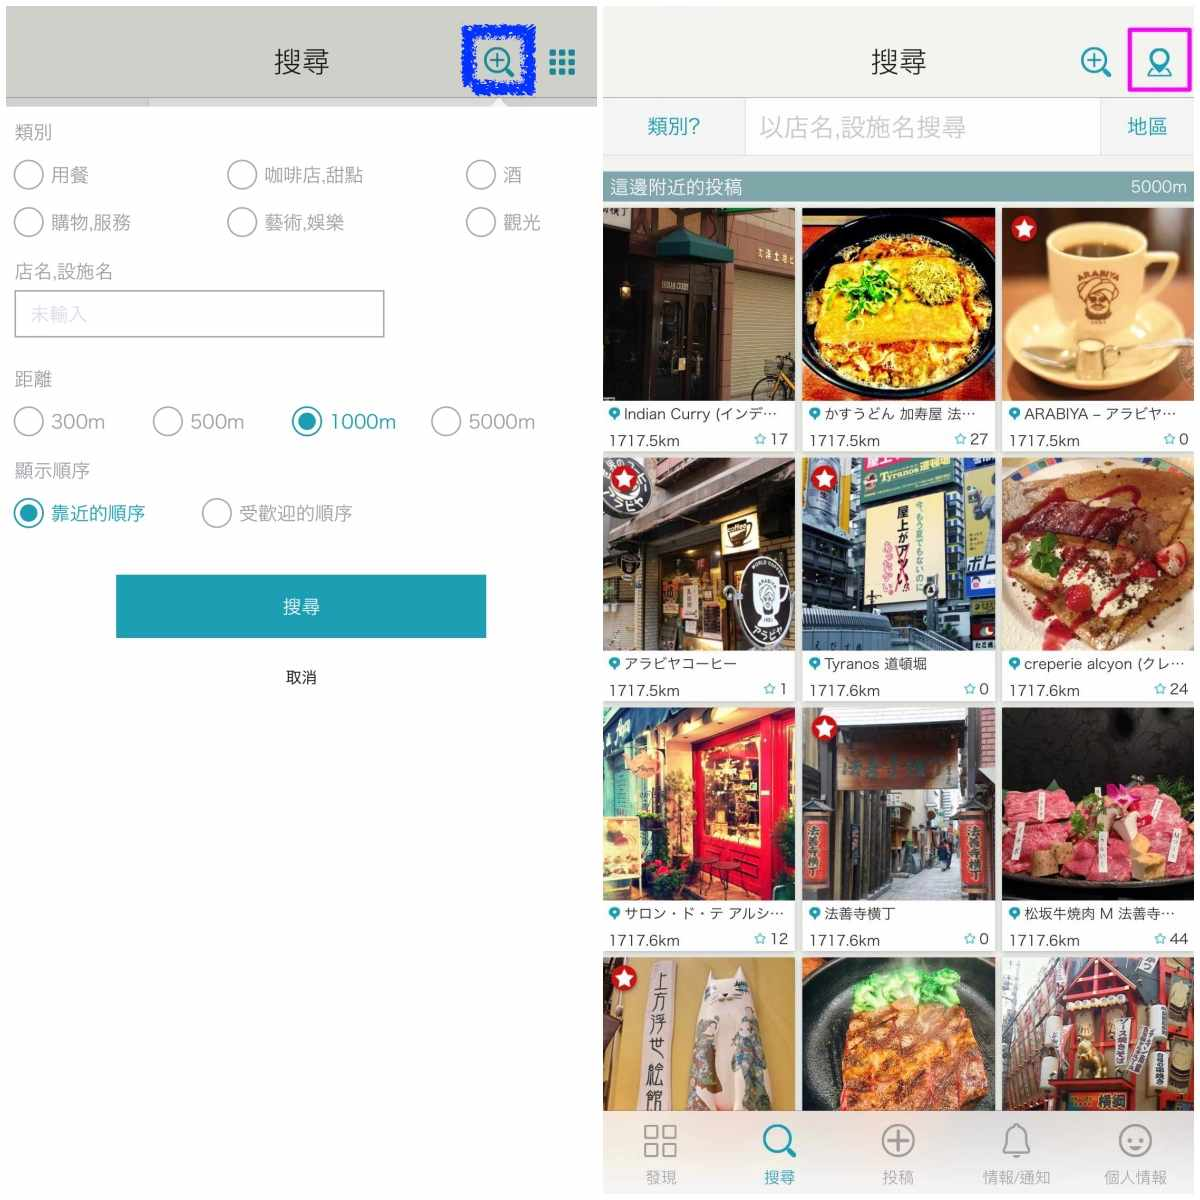 旅日好用APP推薦.繁體中文、圖文並茂找美食:Smart Guide Lisa @右上的世界食旅